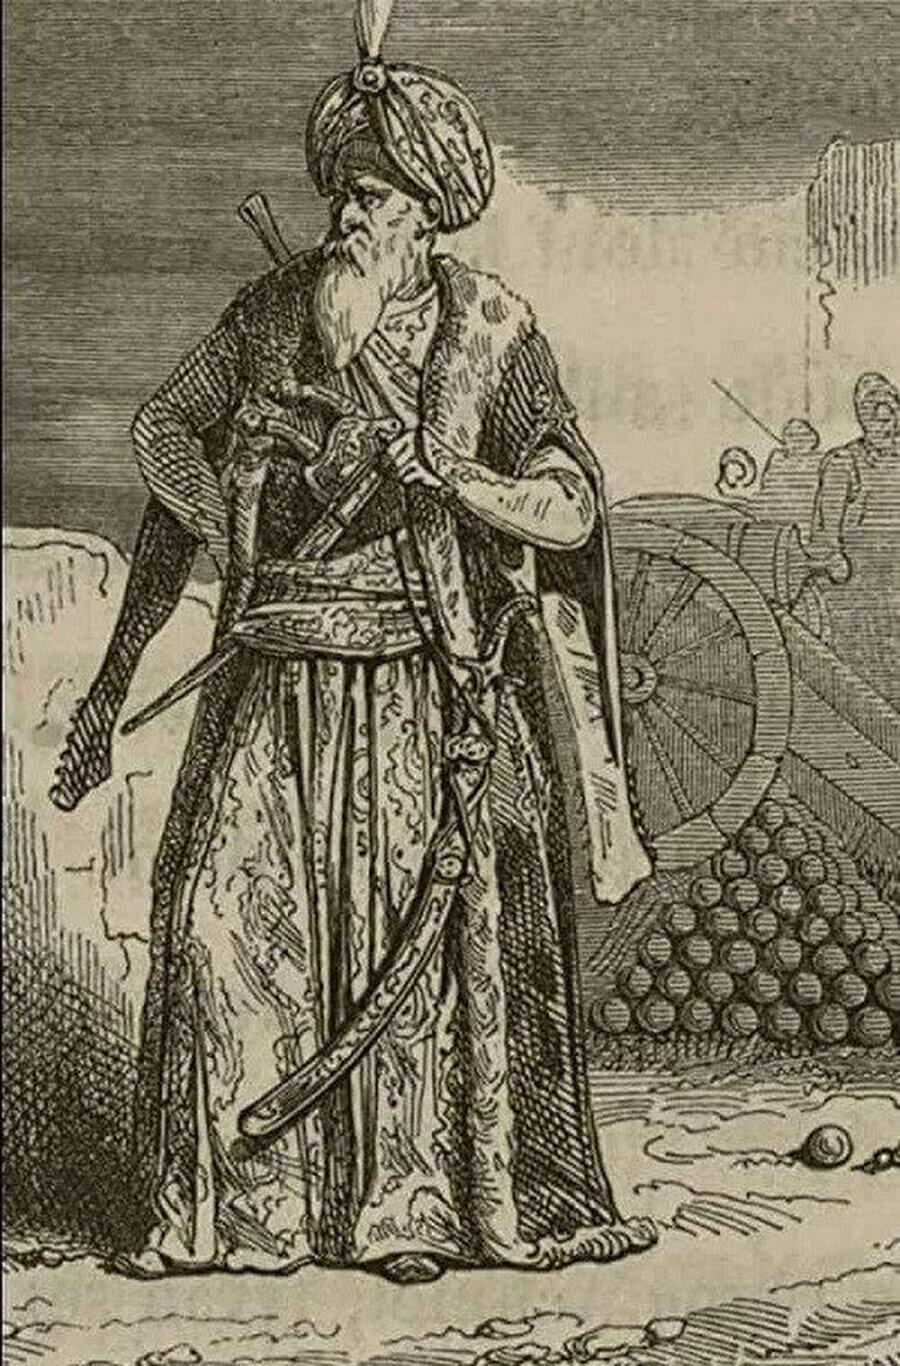 Mısır seraskerliği konumuna atanan Cezzar Ahmed Paşa, Mısır'da Fransızlara karşı önleyici tedbirler aldı.